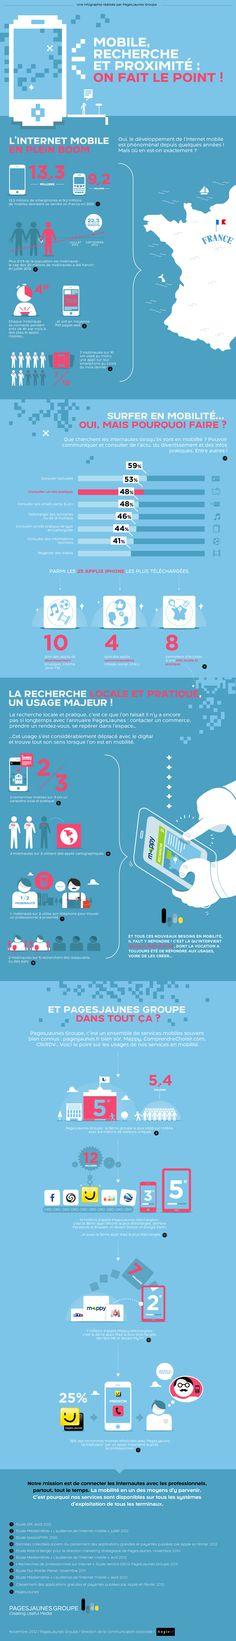 Mobile, recherche et proximité | PagesJaunes Groupe